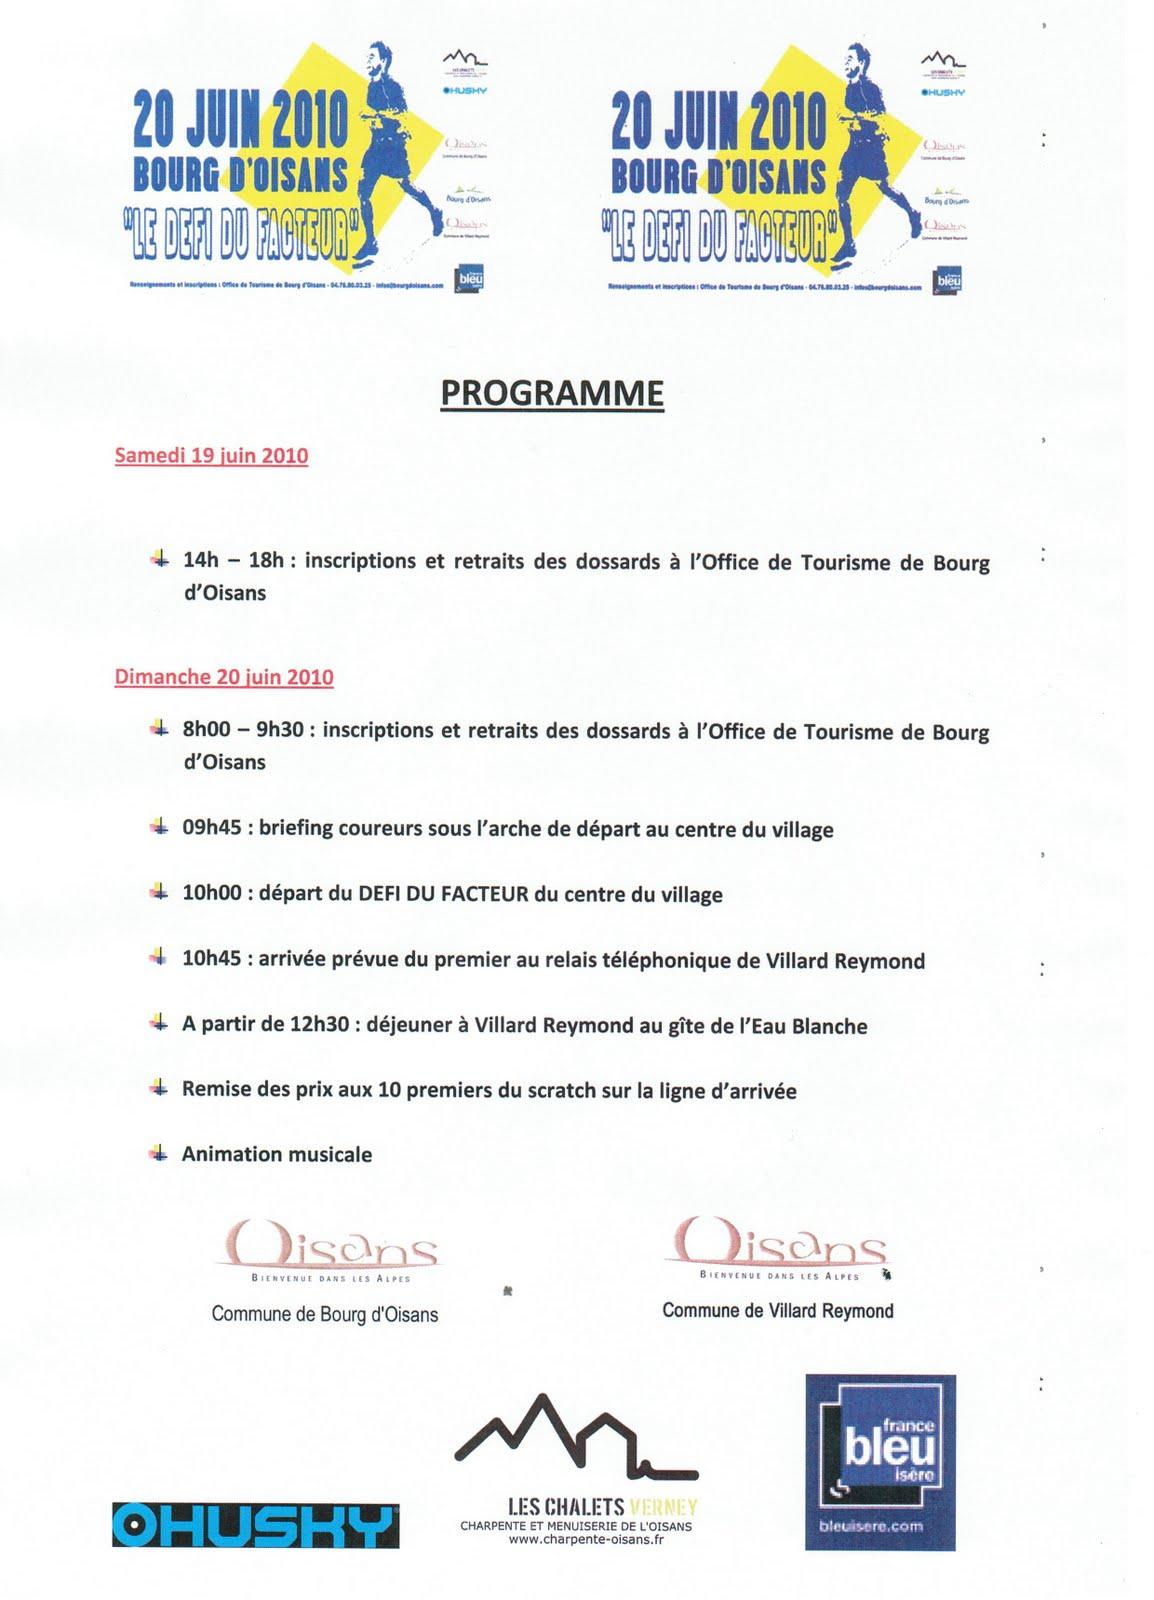 News de l 39 office de tourisme bourg d 39 oisans mai 2010 - Bourg d oisans office tourisme ...